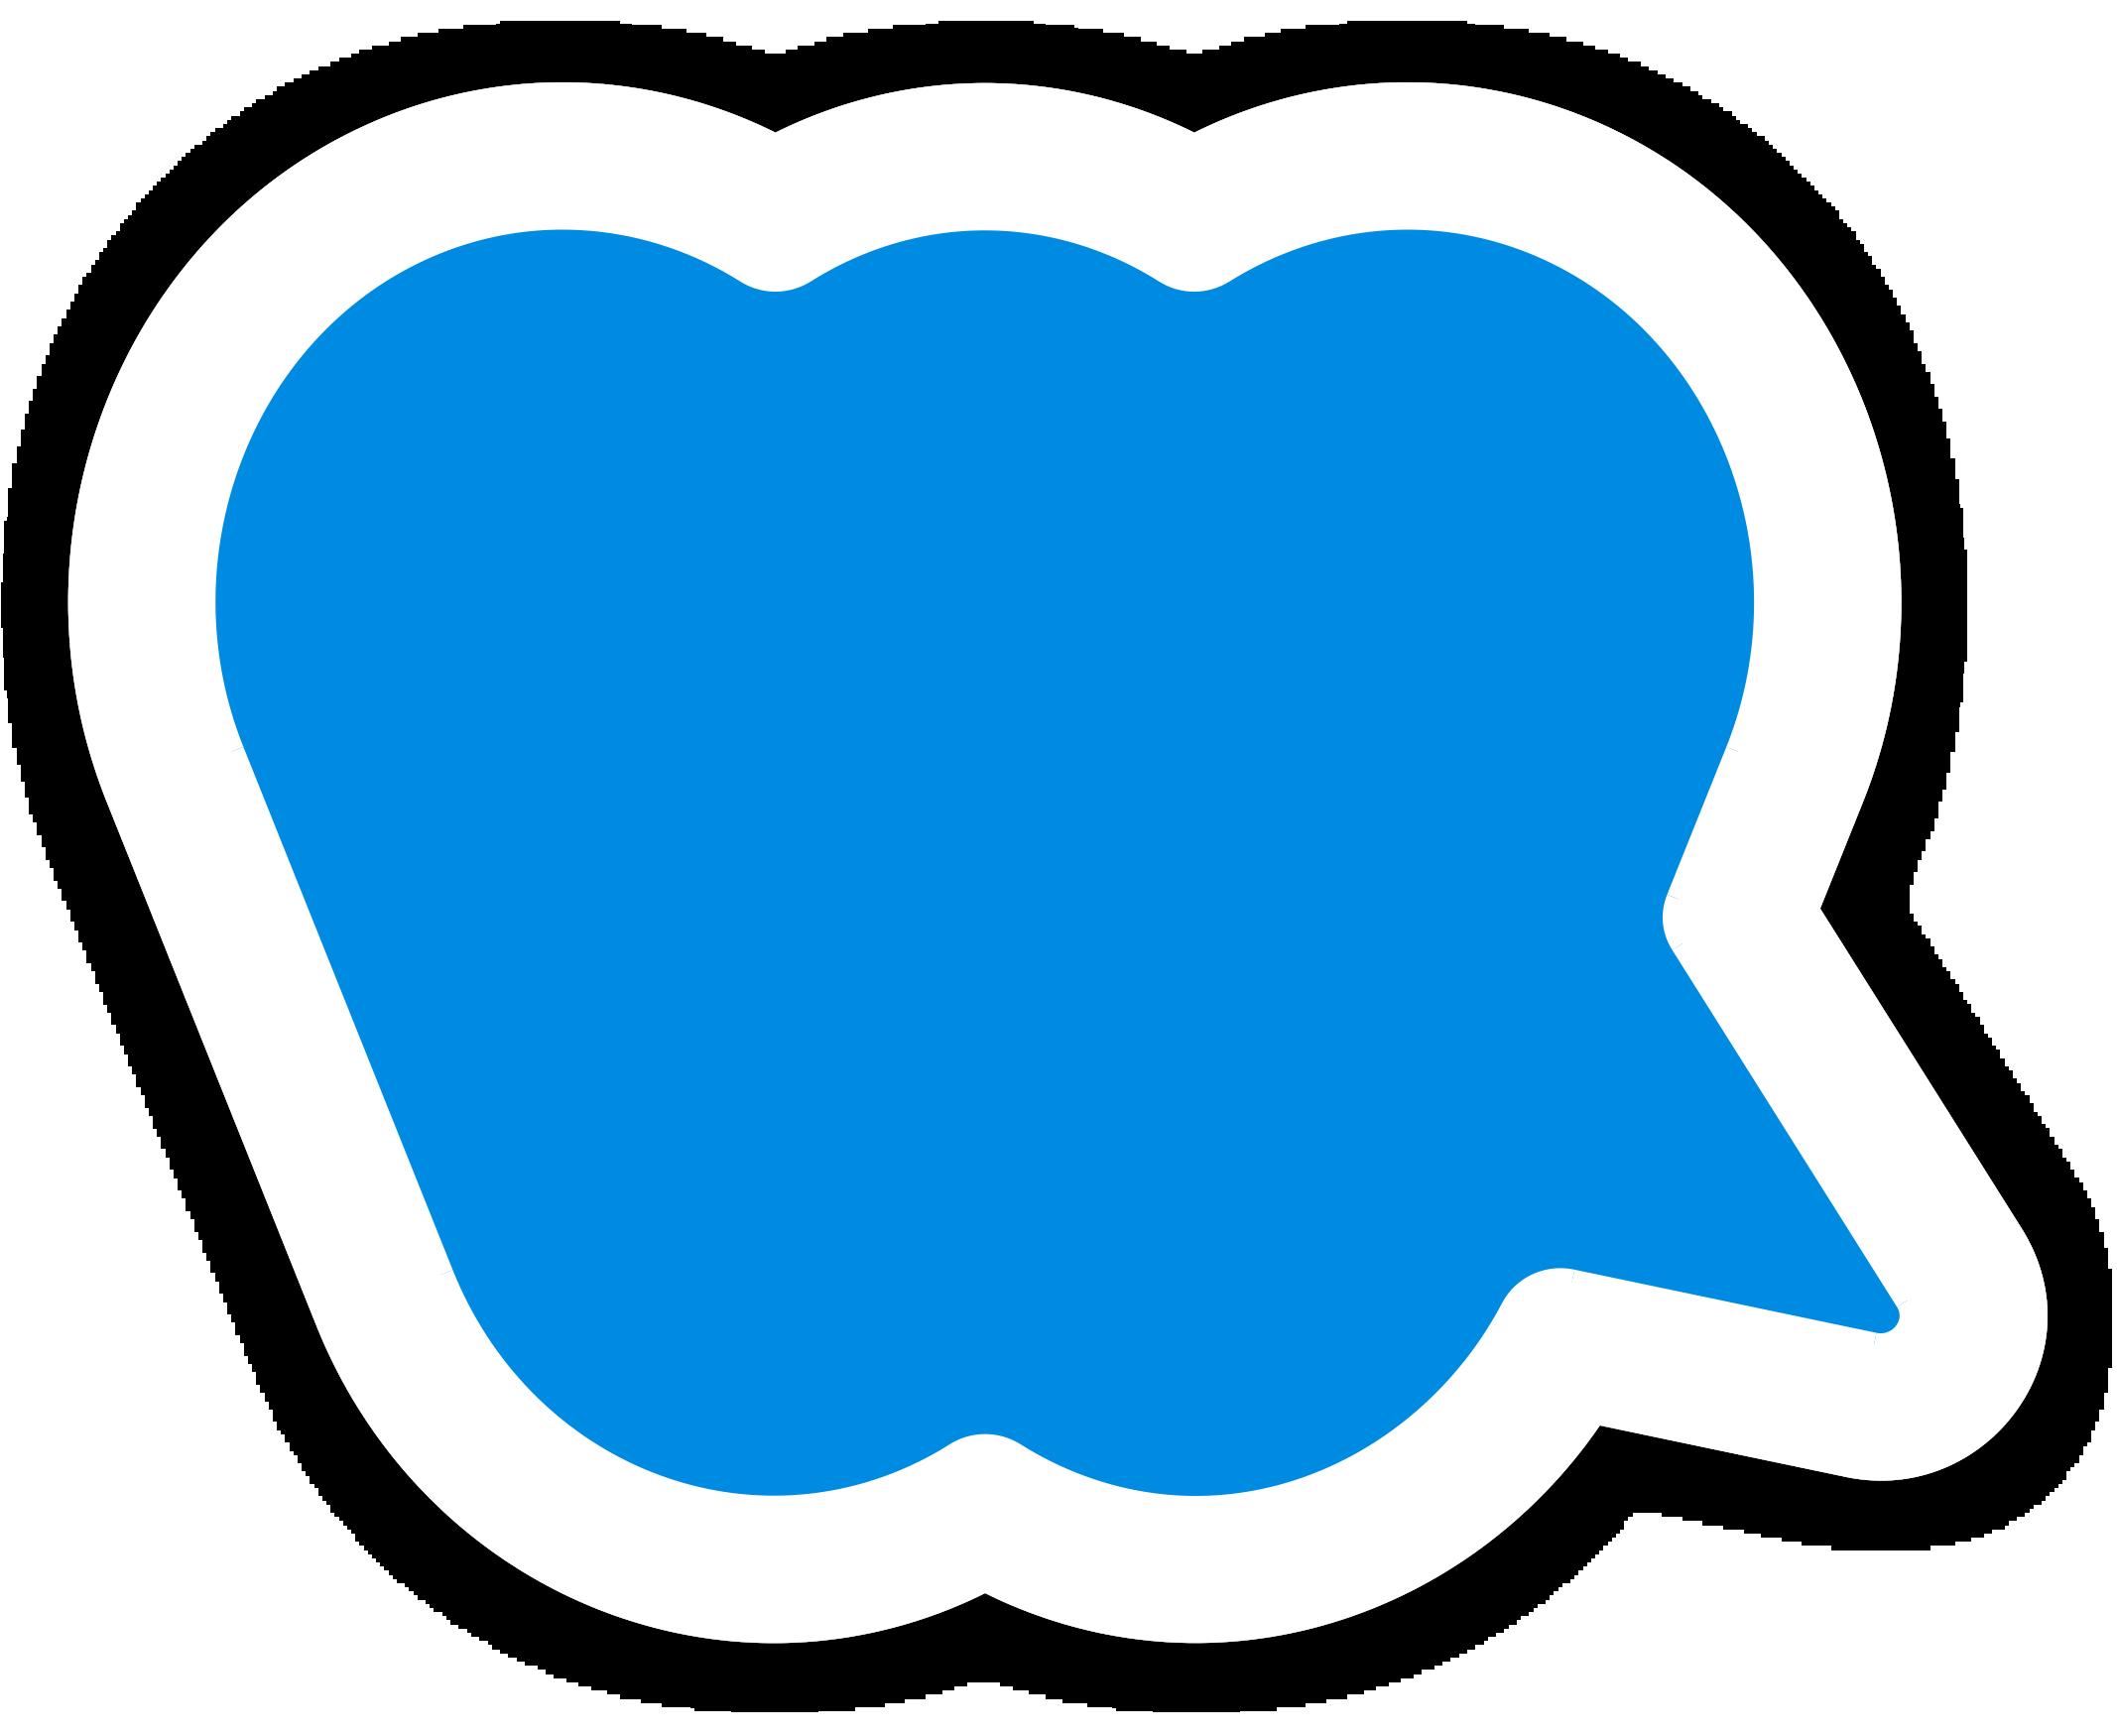 دانلود پیام رسان ویسپی Wispi برای اندروید